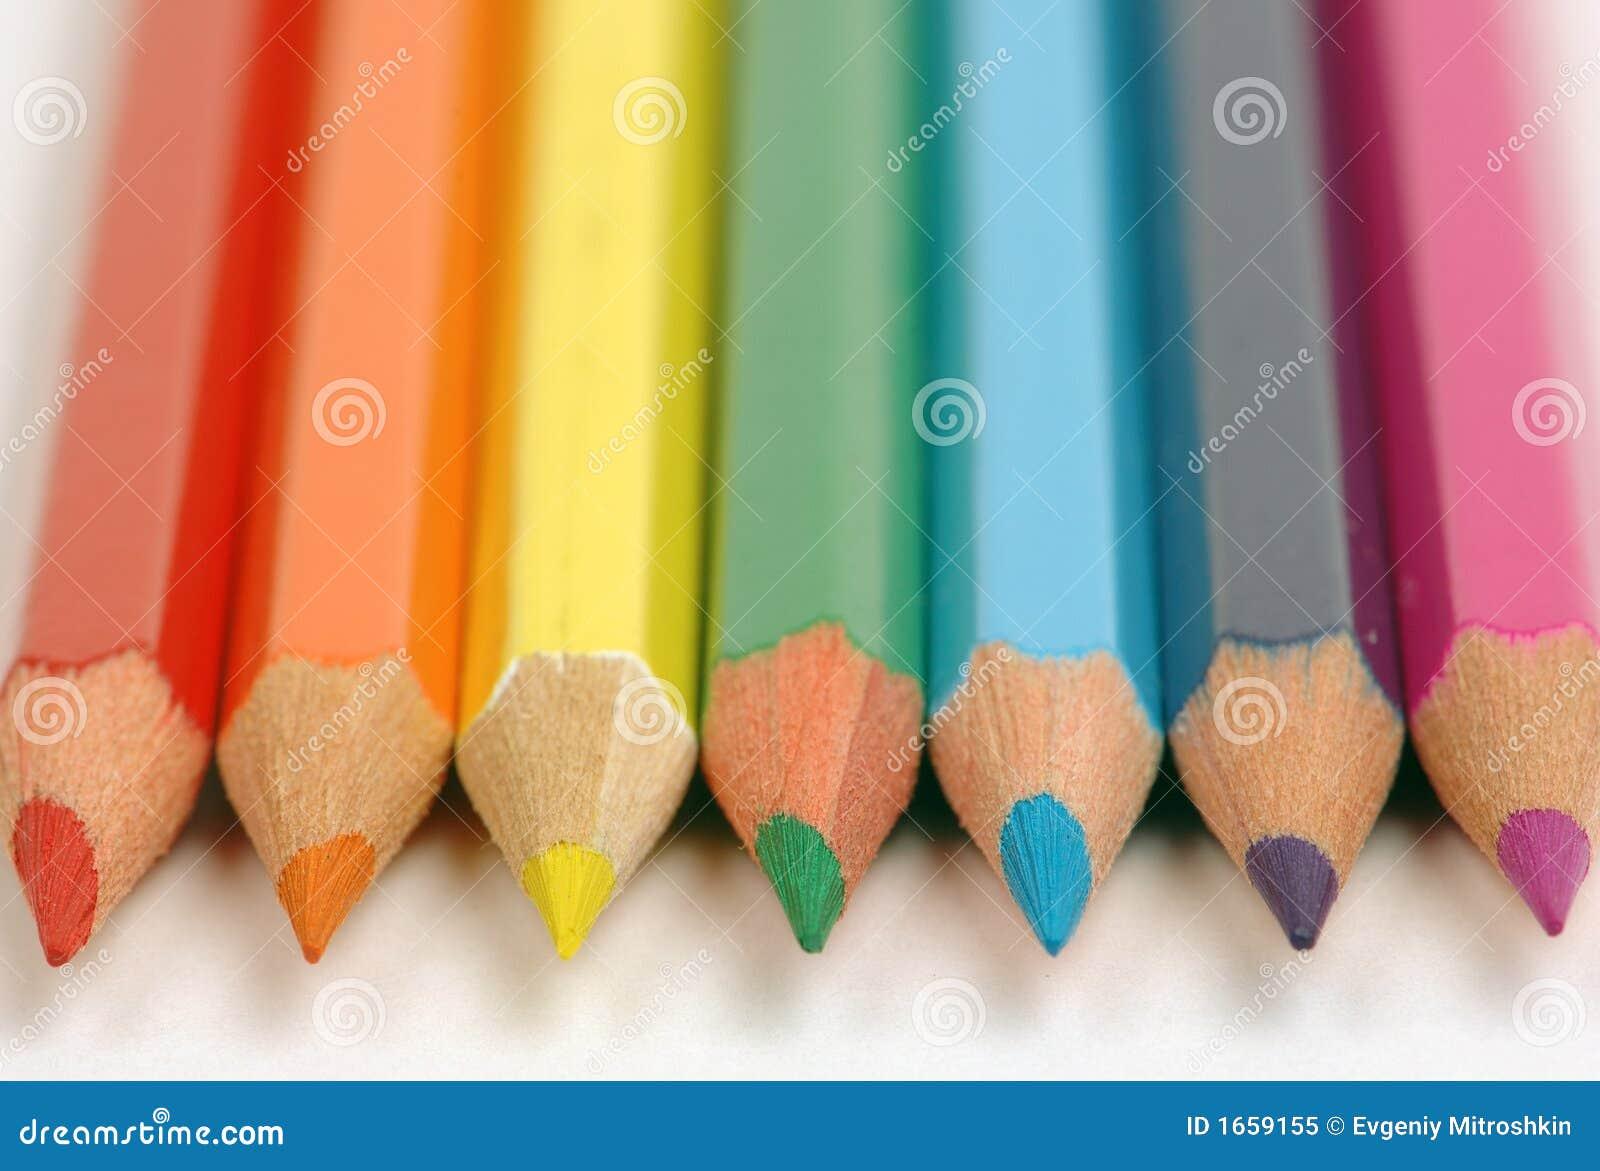 Potloden van kleur van een regenboog